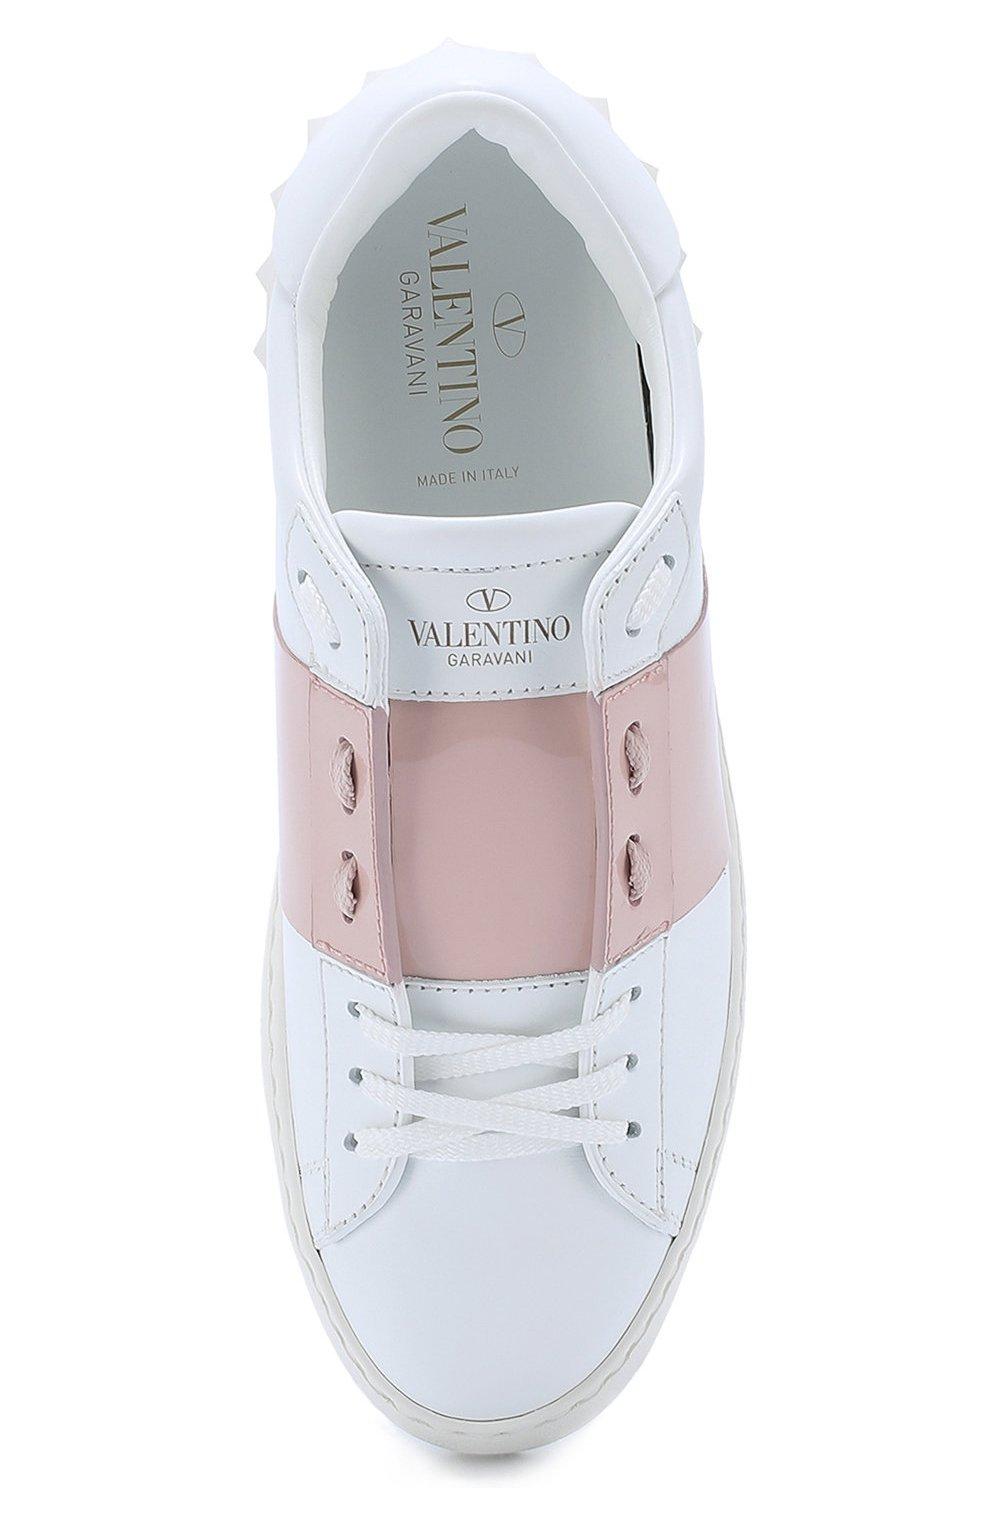 478c1c1c7443 Кожаные кроссовки Valentino Garavani Open с лаковой цветной вставкой   Фото  №5